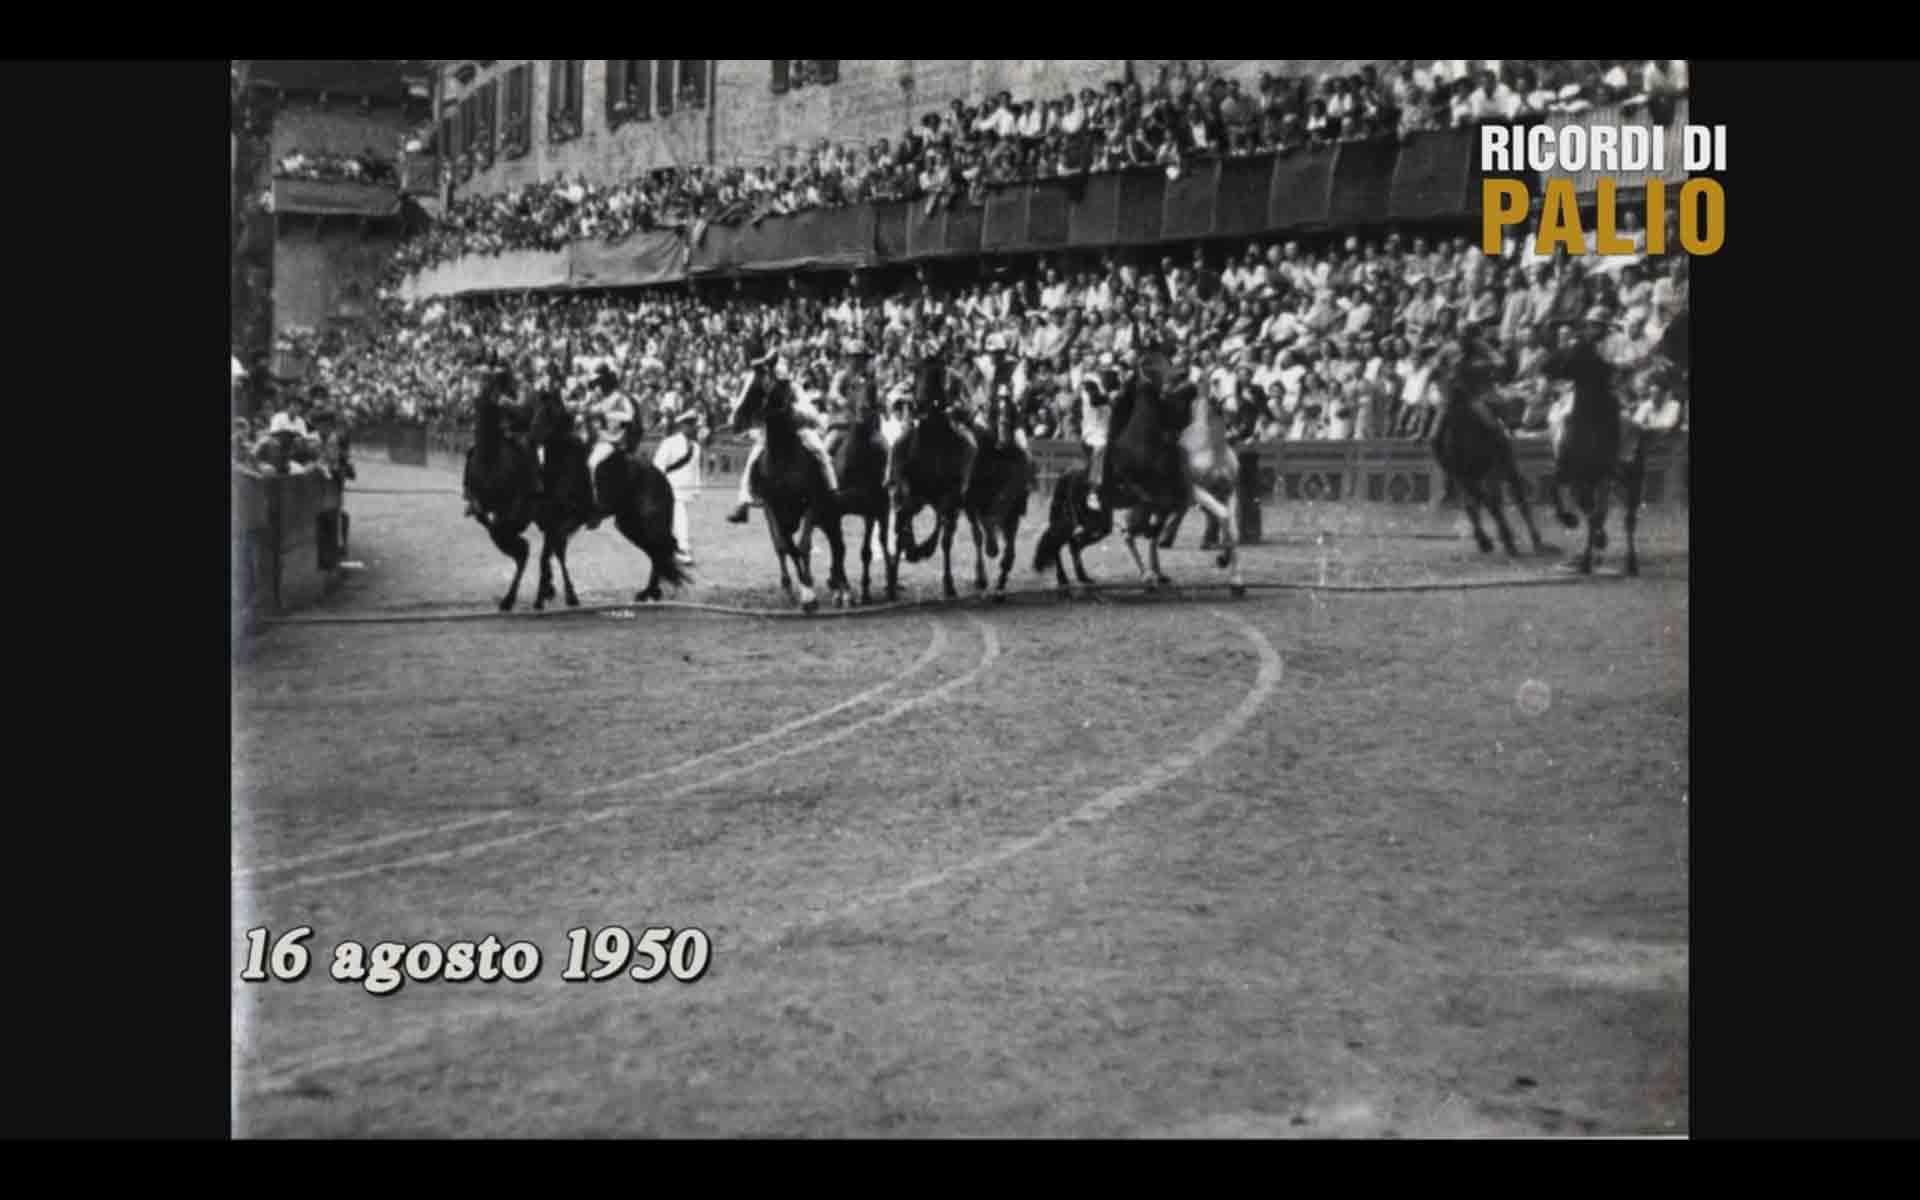 La Mossa del Palio di Siena del 16 agosto 1950, vinto dalla Contrada del Leocorno con Rompighiaccio e Niduzza